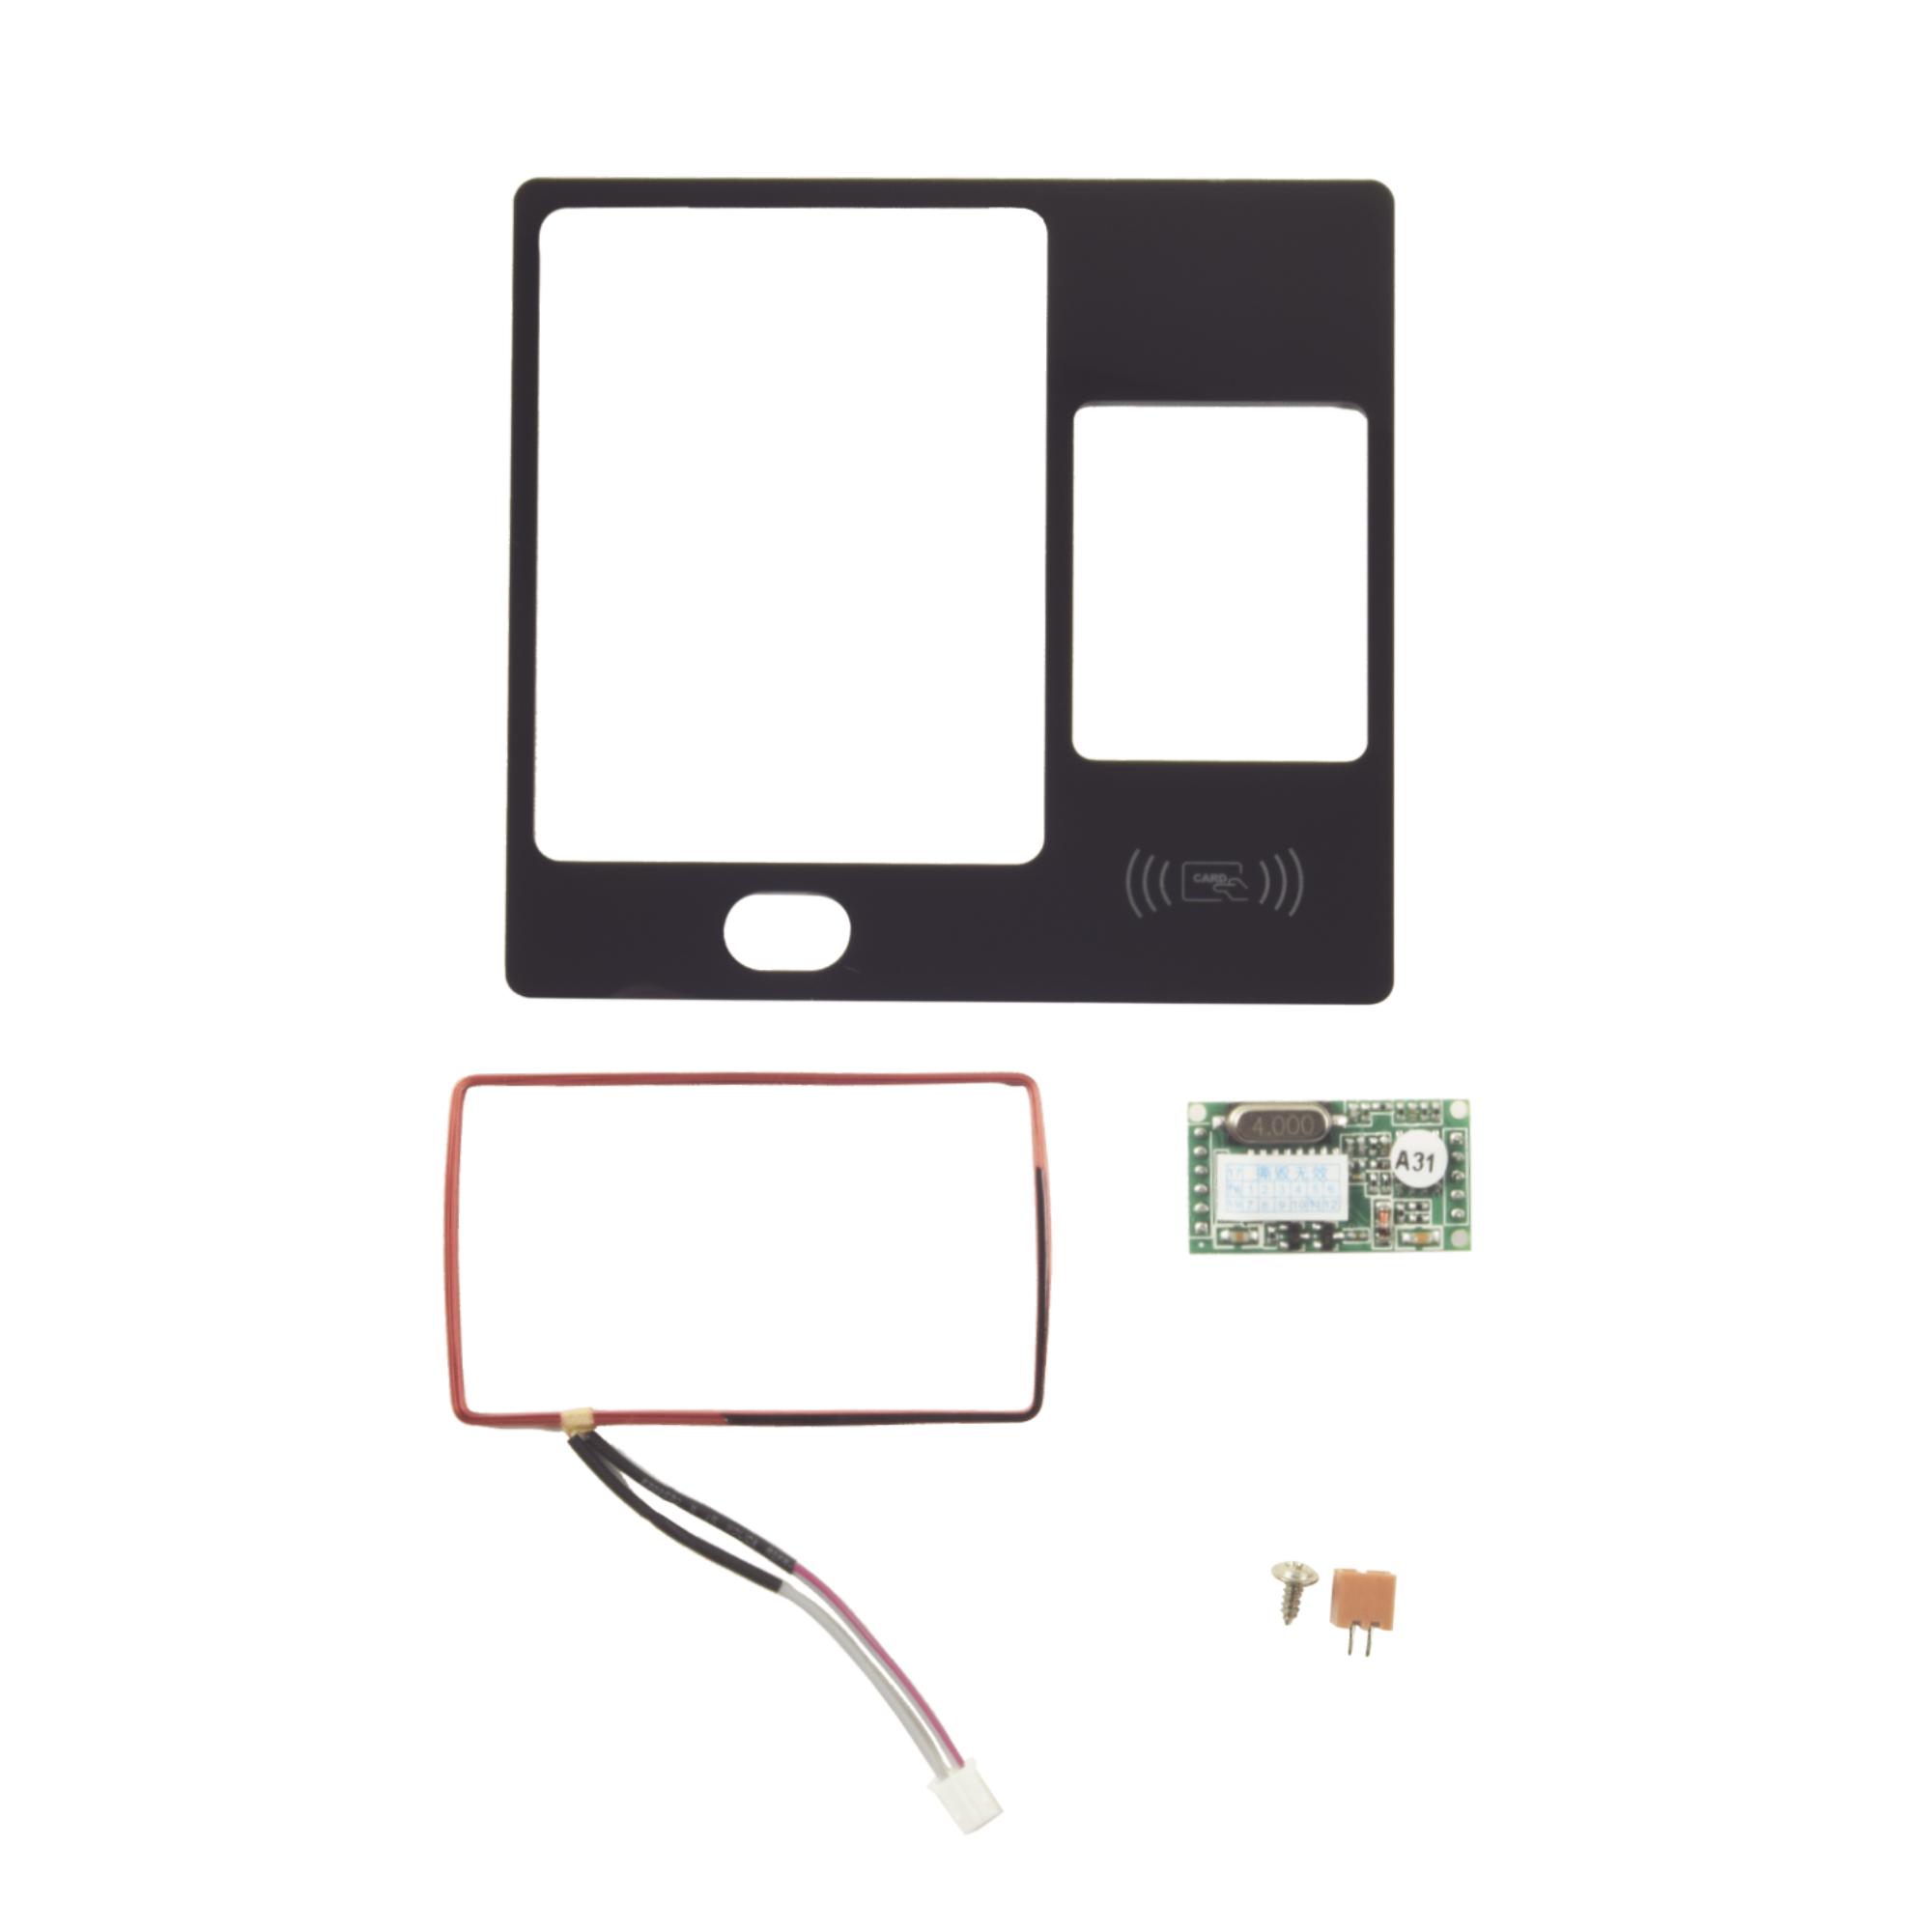 Modulo de lector de tarjetas de proximidad para SF300